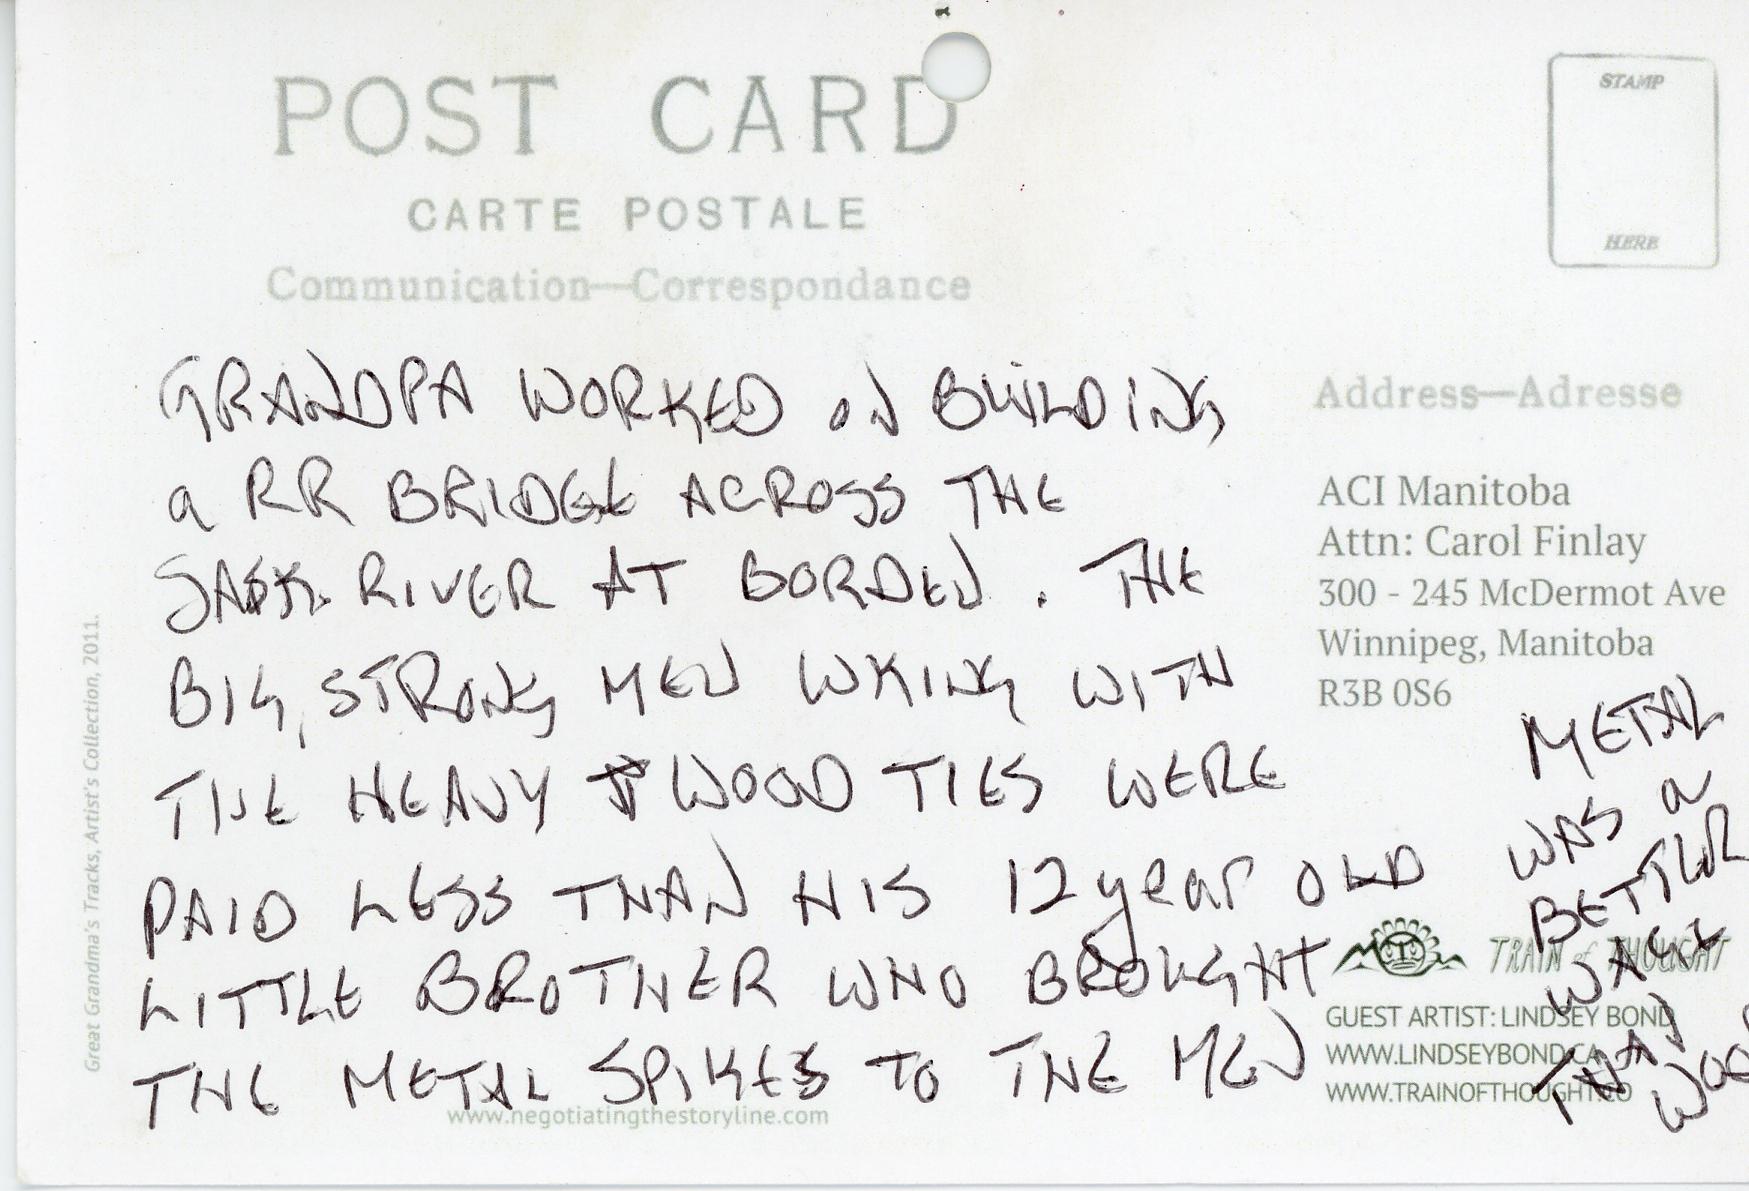 TOT_postcard014.jpg